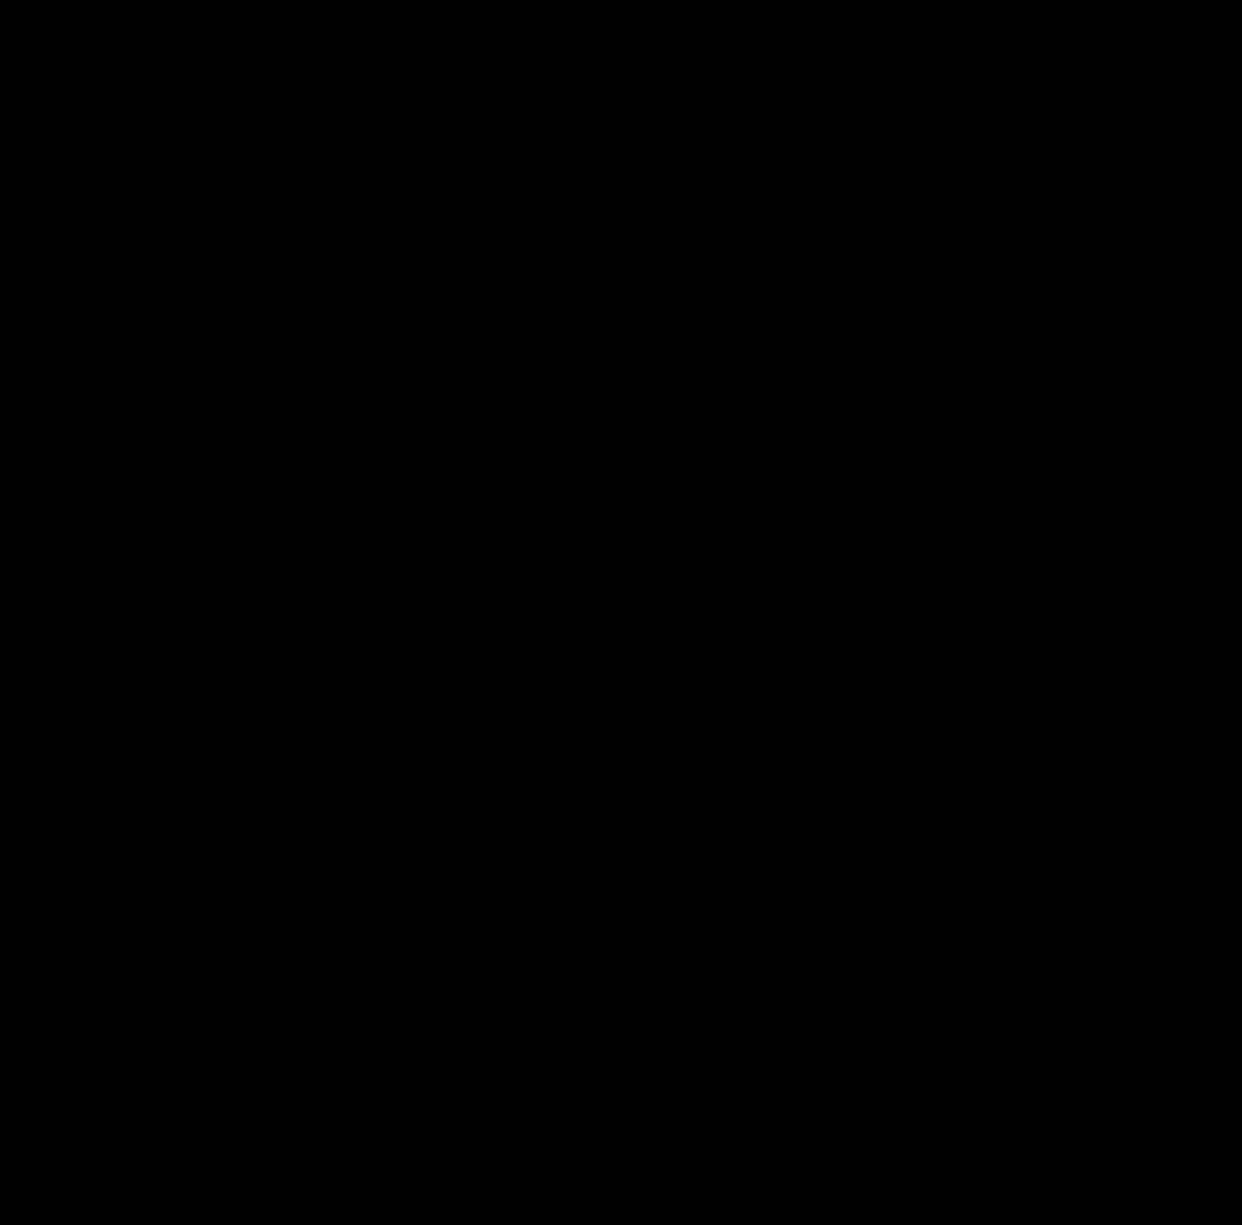 146631ee-4a97-4b60-a087-e0288efa9b4d